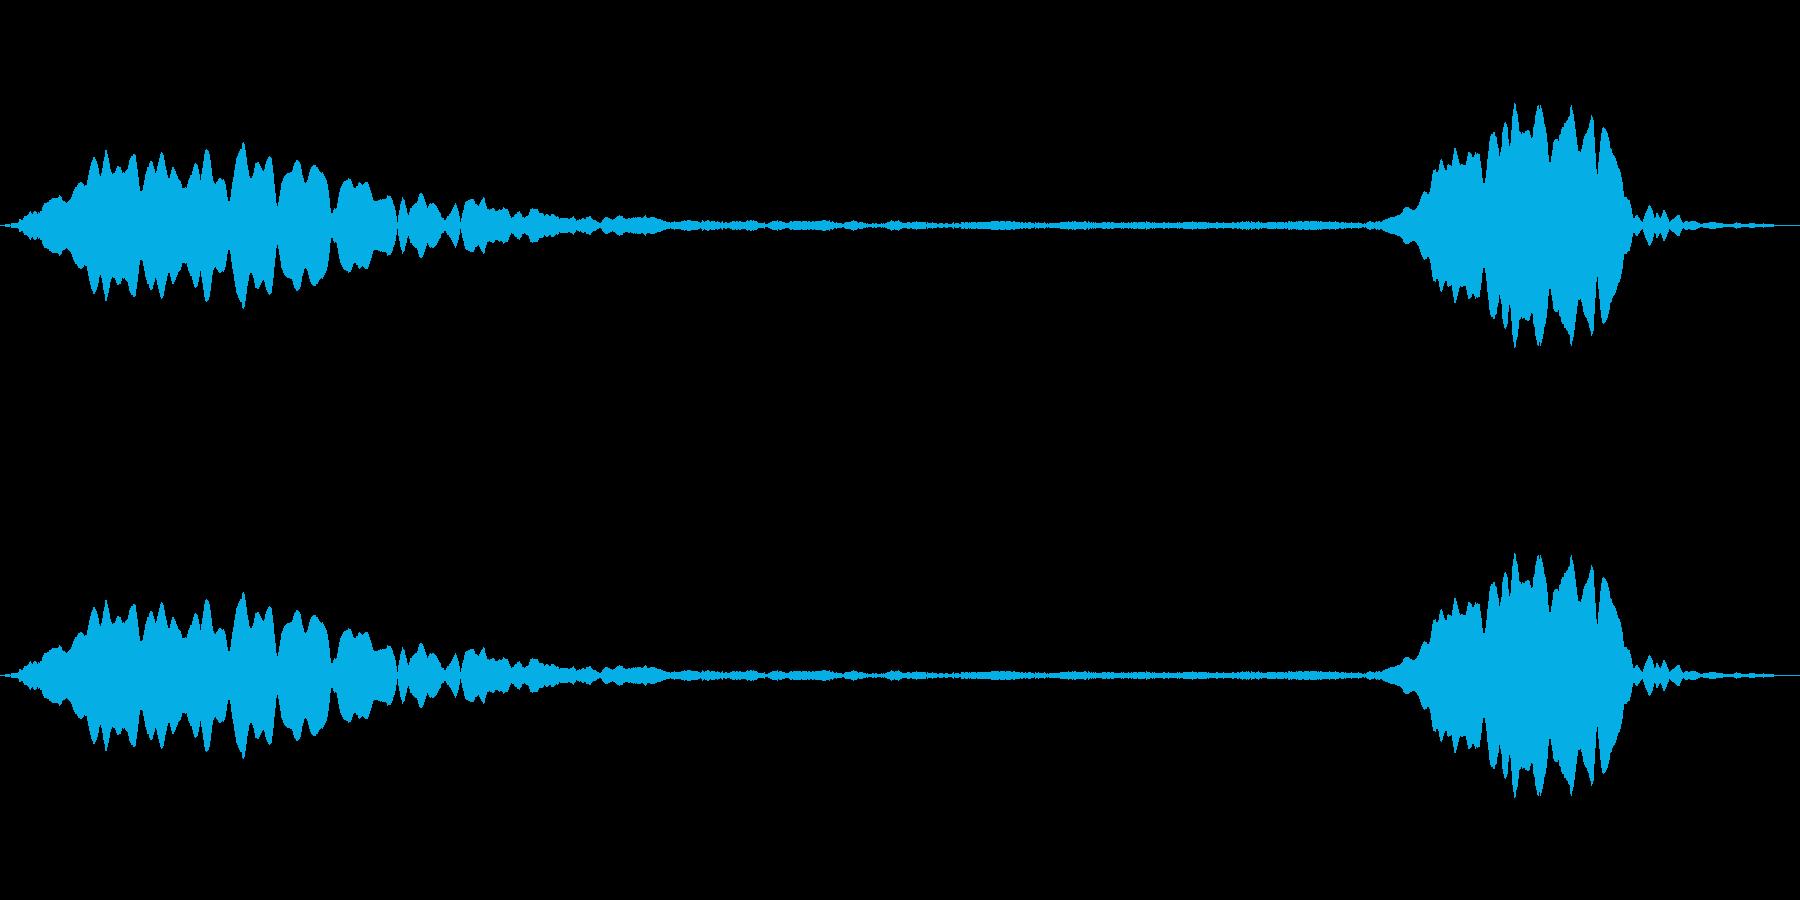 ピューピッ(ホイッスルの音)の再生済みの波形